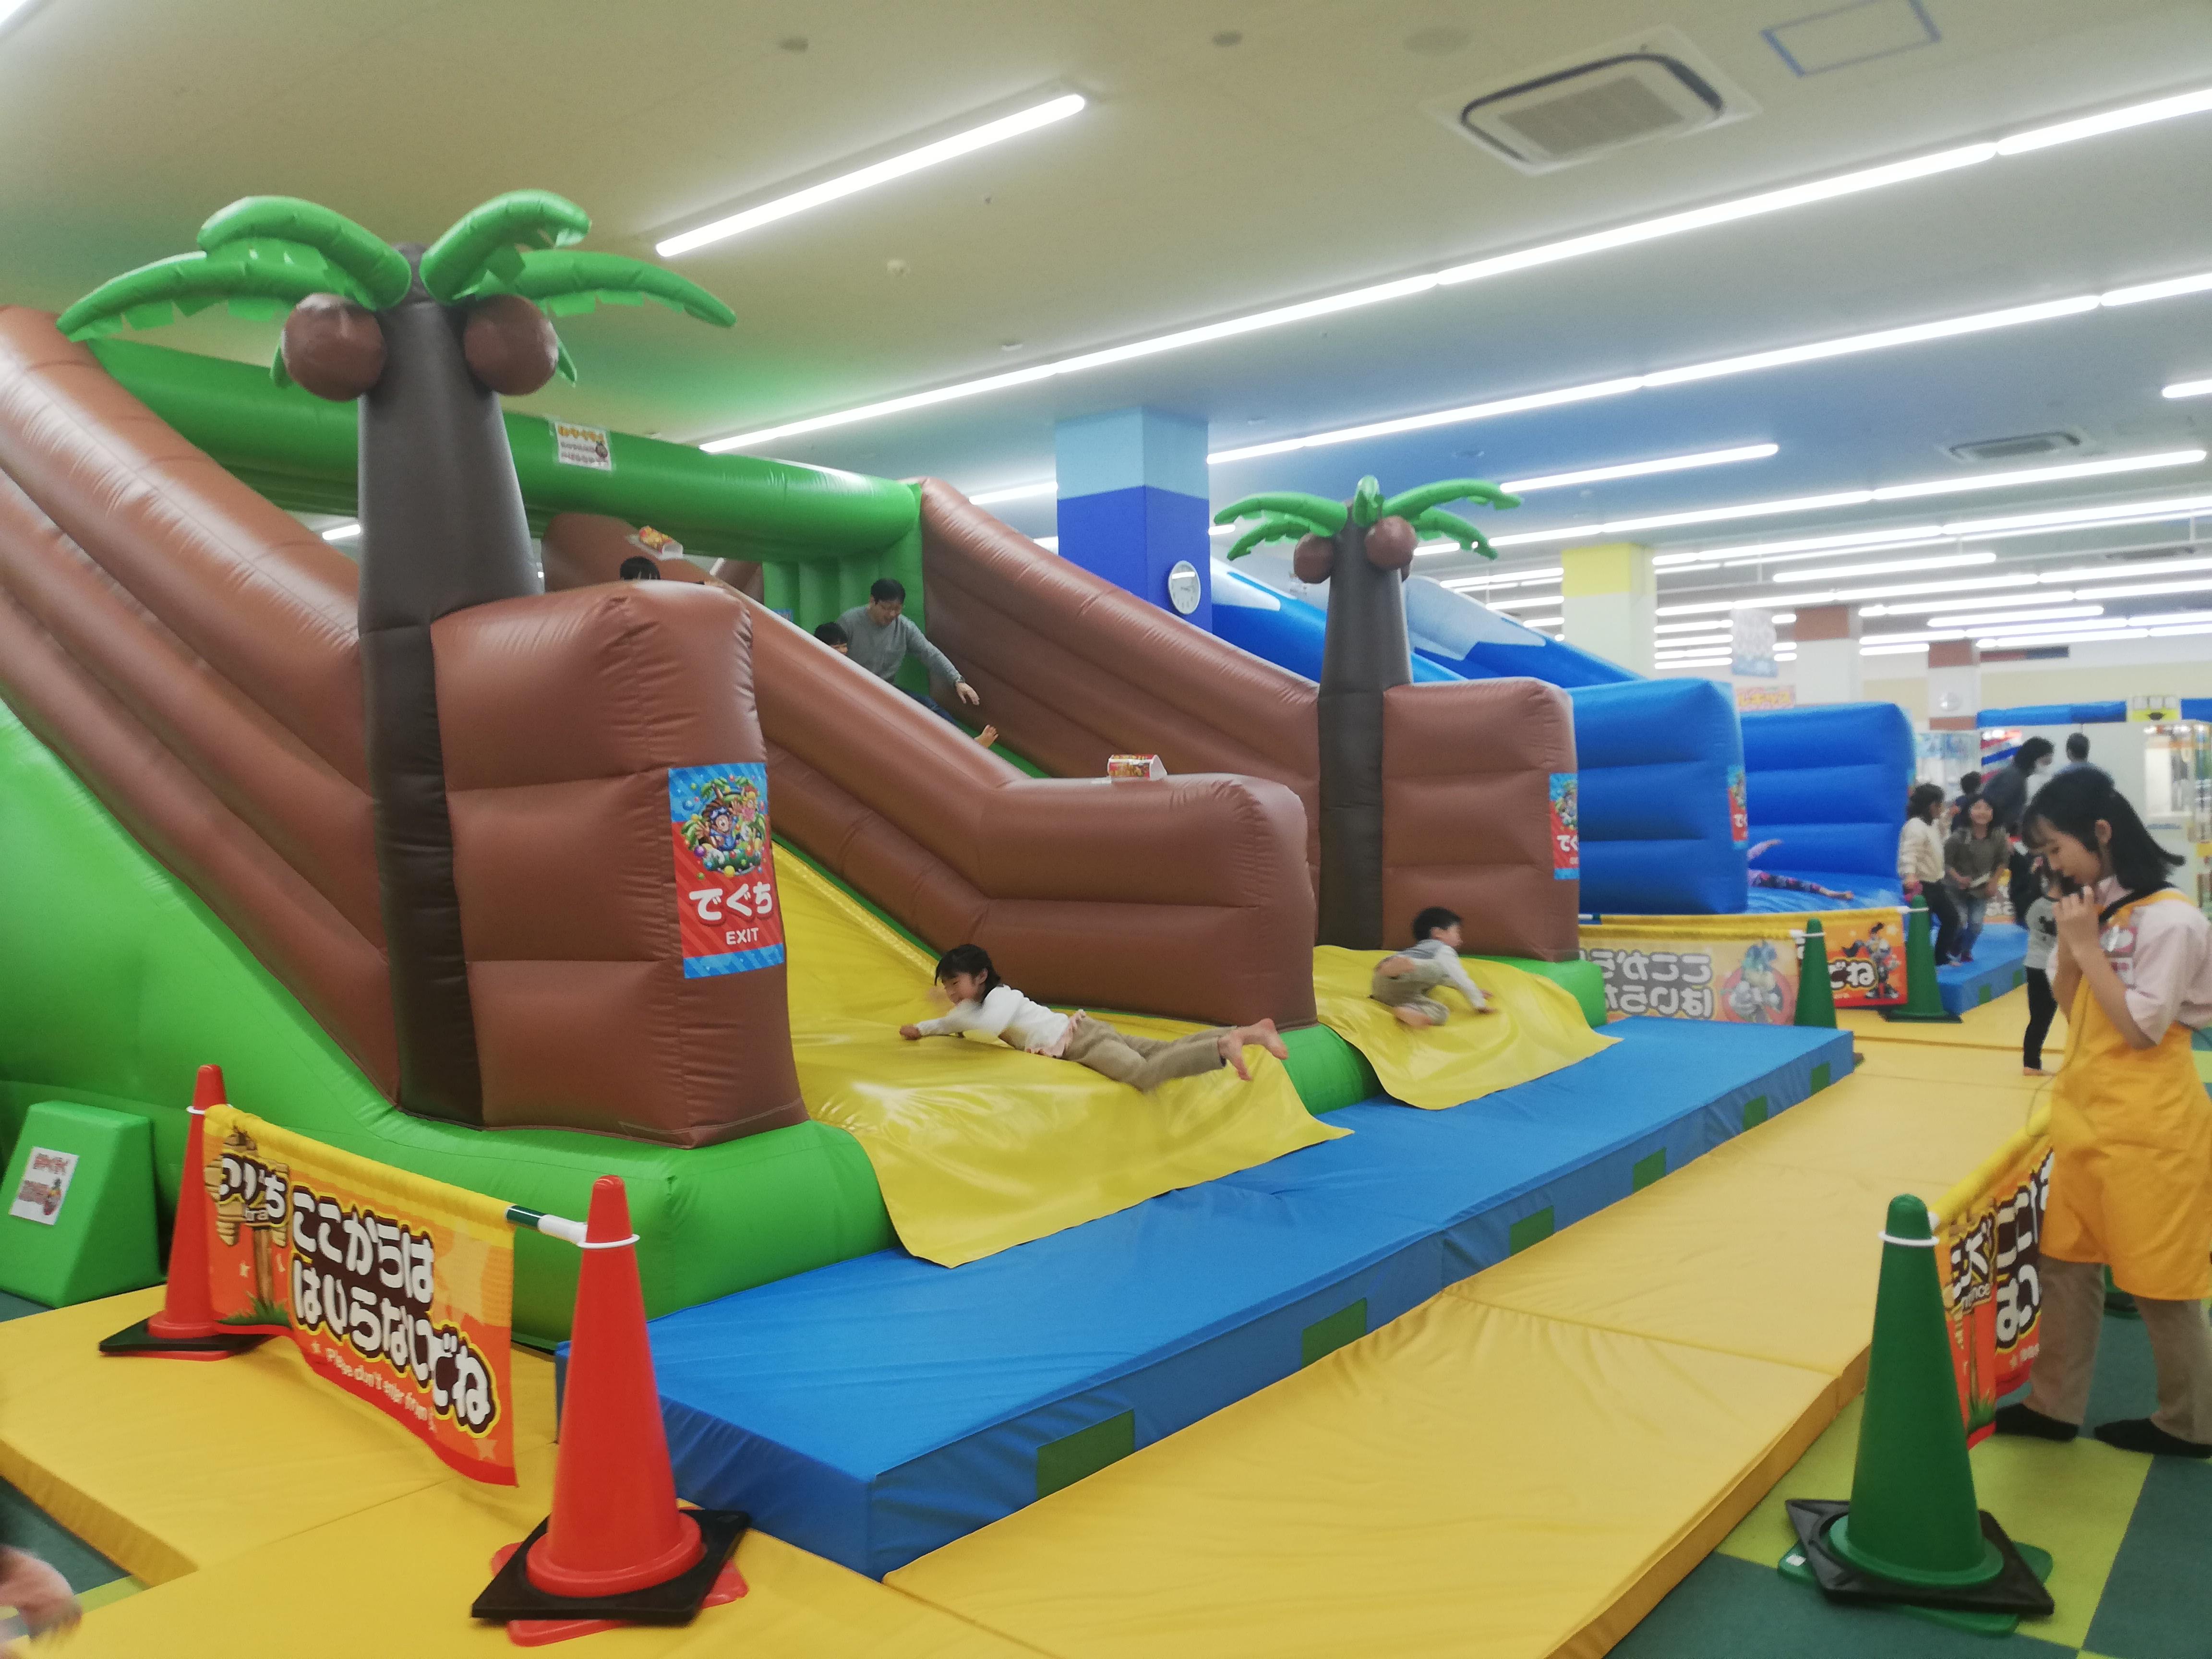 横浜センター北駅の子供の遊び場【ファンタジーキッズリゾート】が1日遊んでも飽きない理由がこれ!